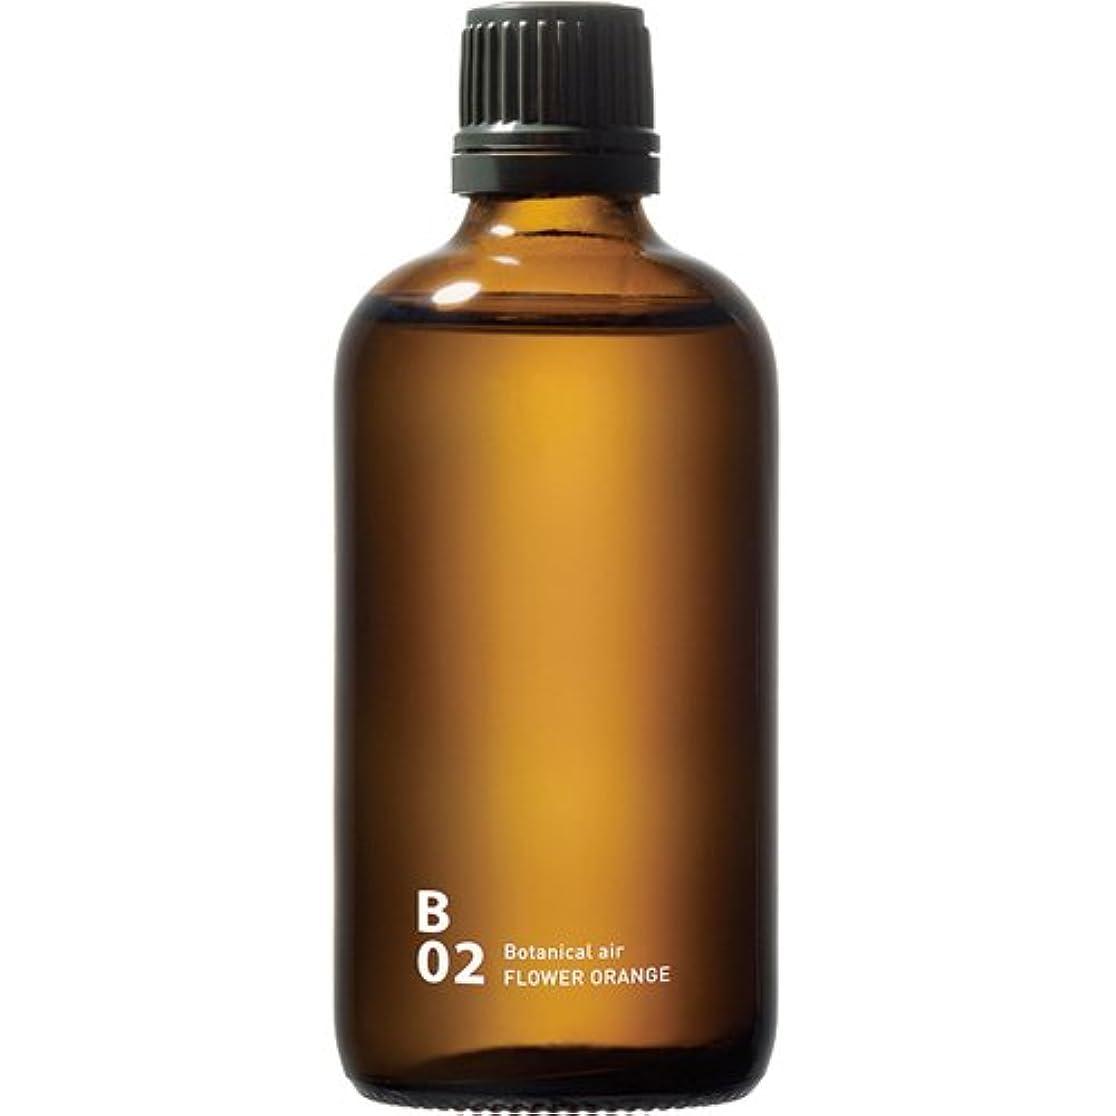 カイウスお香排他的B02 FLOWER ORANGE piezo aroma oil 100ml